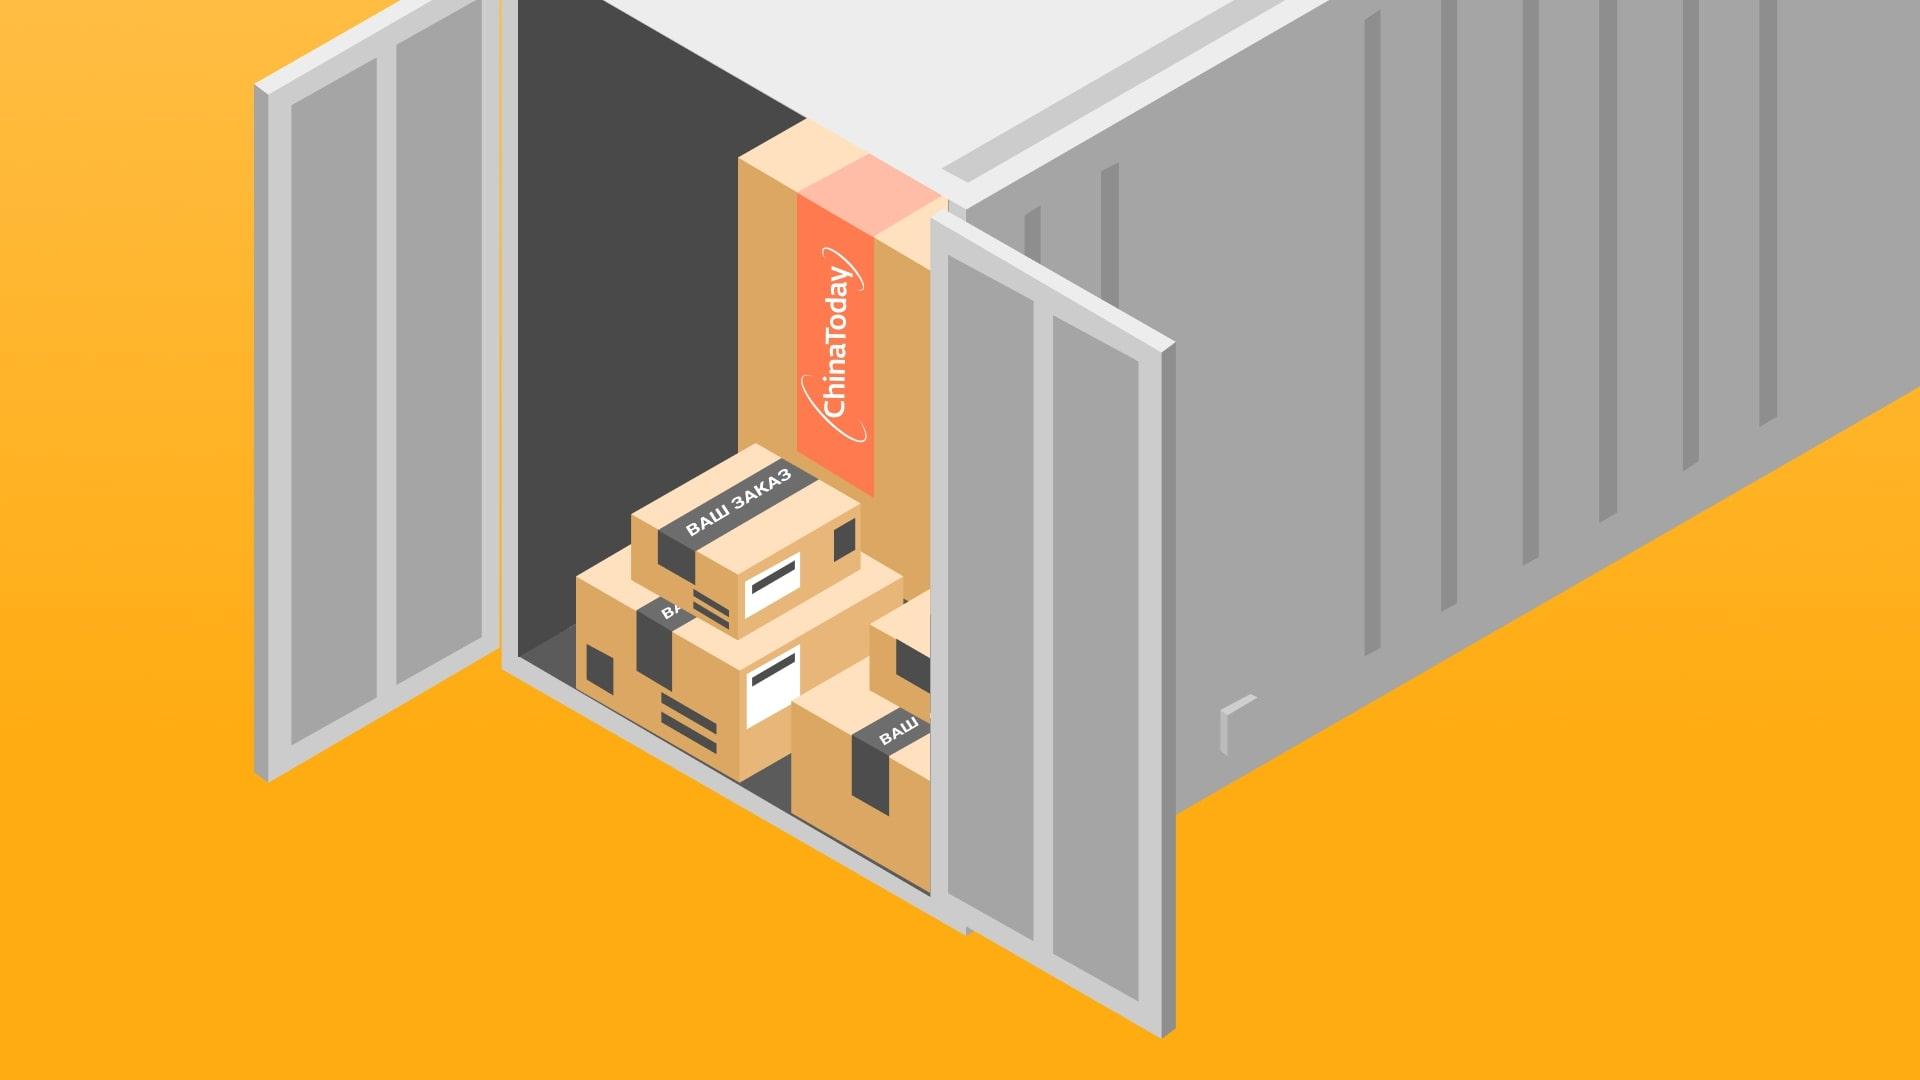 Вам не нужно выкупать весь контейнер. Если у вас небольшой заказ, мы подгрузим его в наш контейнер.